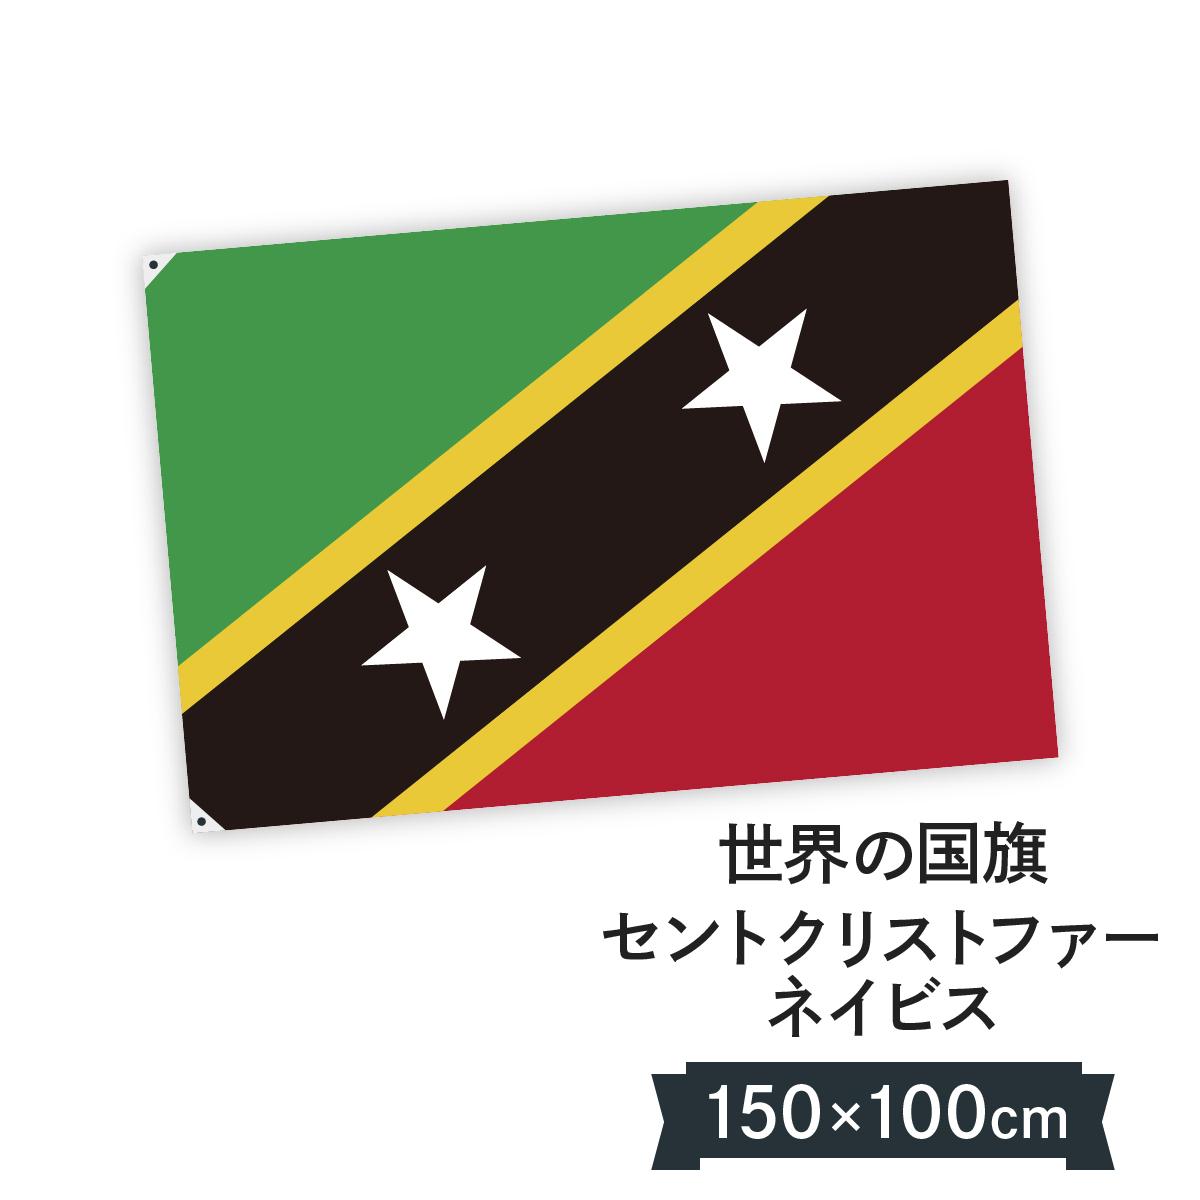 セントクリストファー・ネイビス連邦 国旗 W150cm H100cm